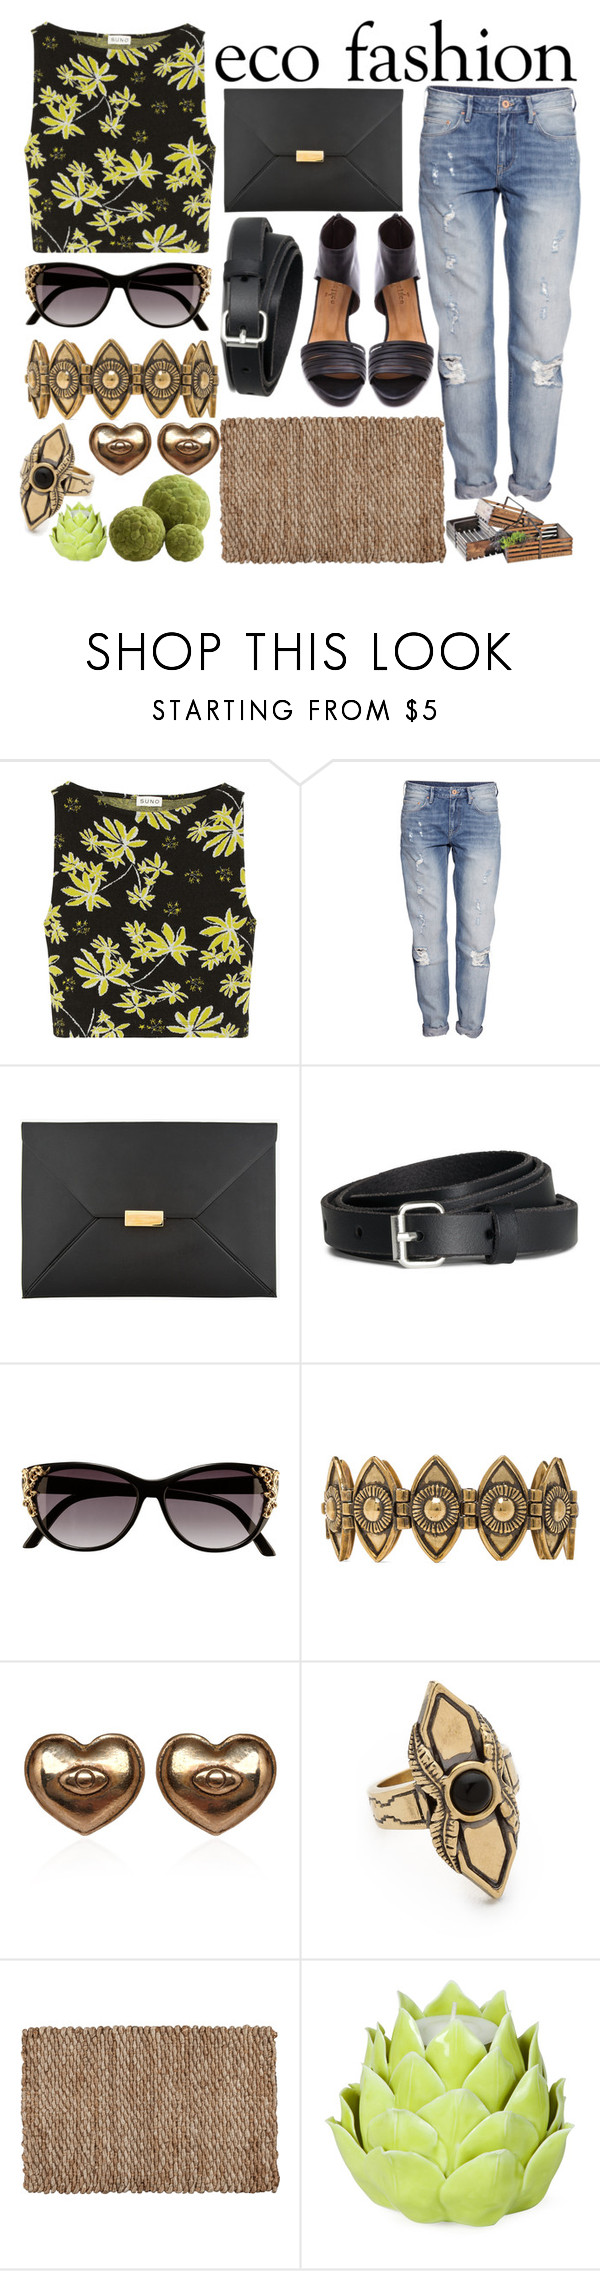 Luxury fashion & independent designers   SSENSE   Eco fashion ...